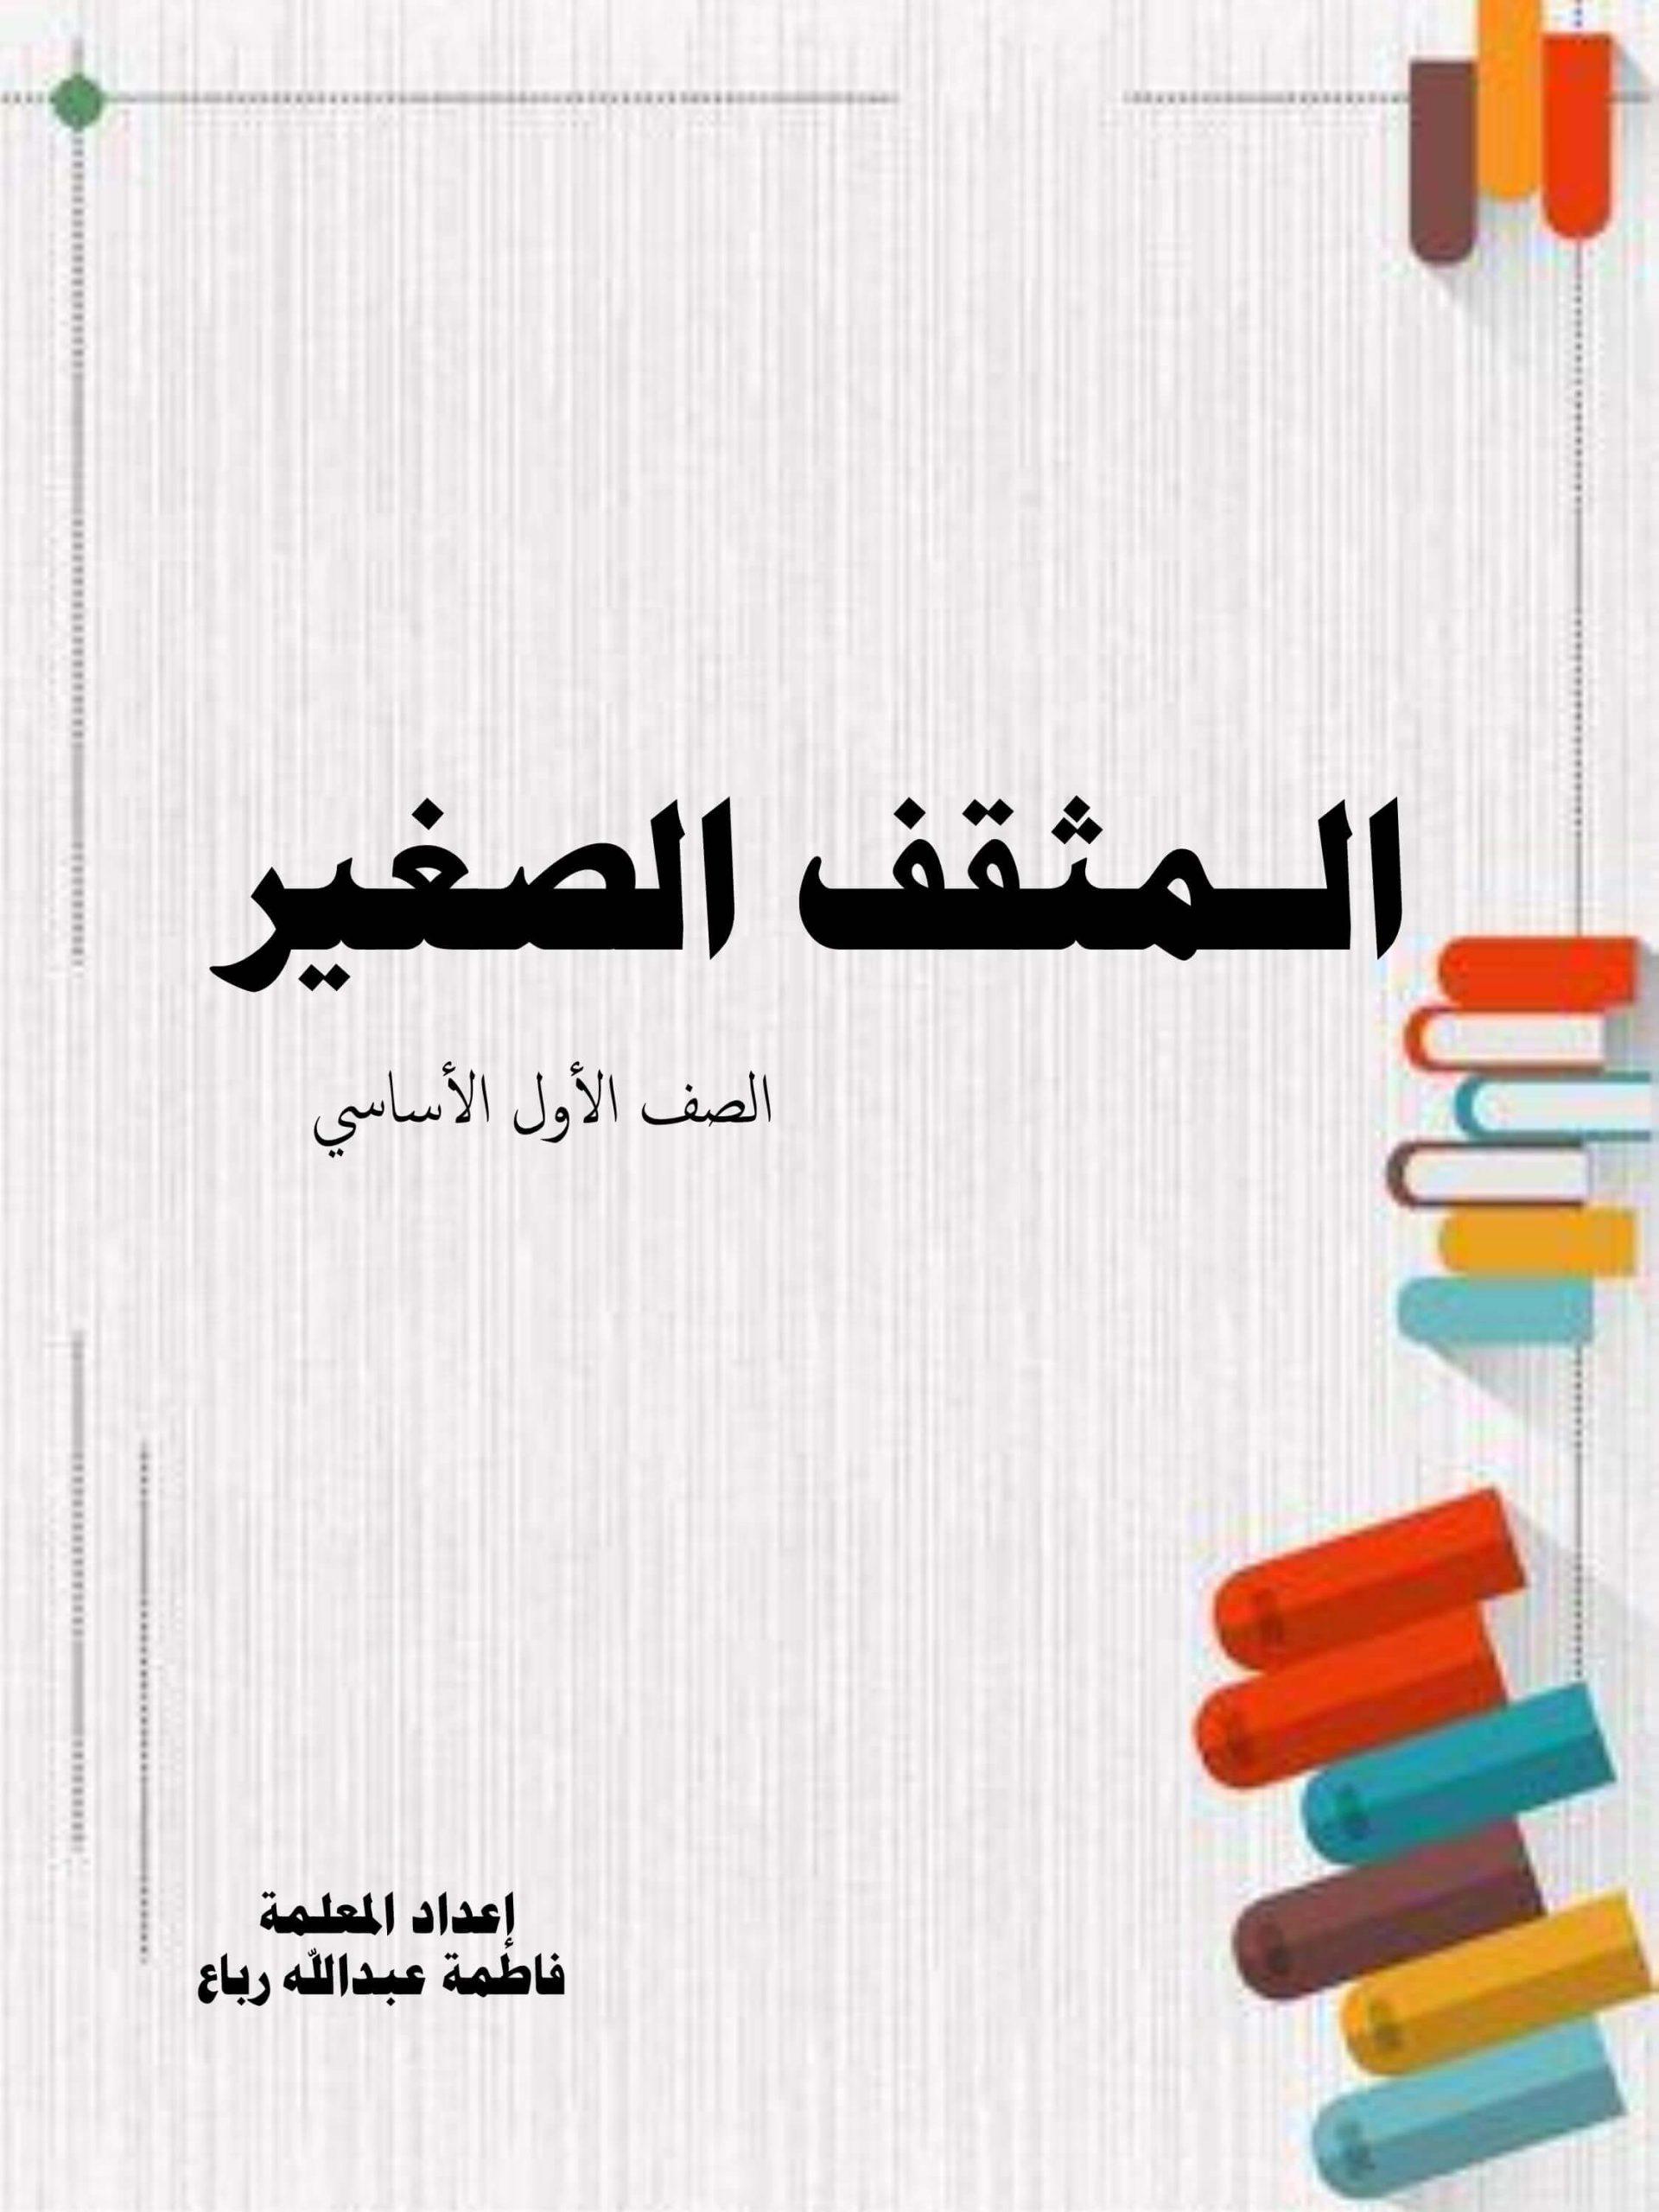 اوراق عمل متنوعة المثقف الصغير الصف الاول مادة اللغة العربية